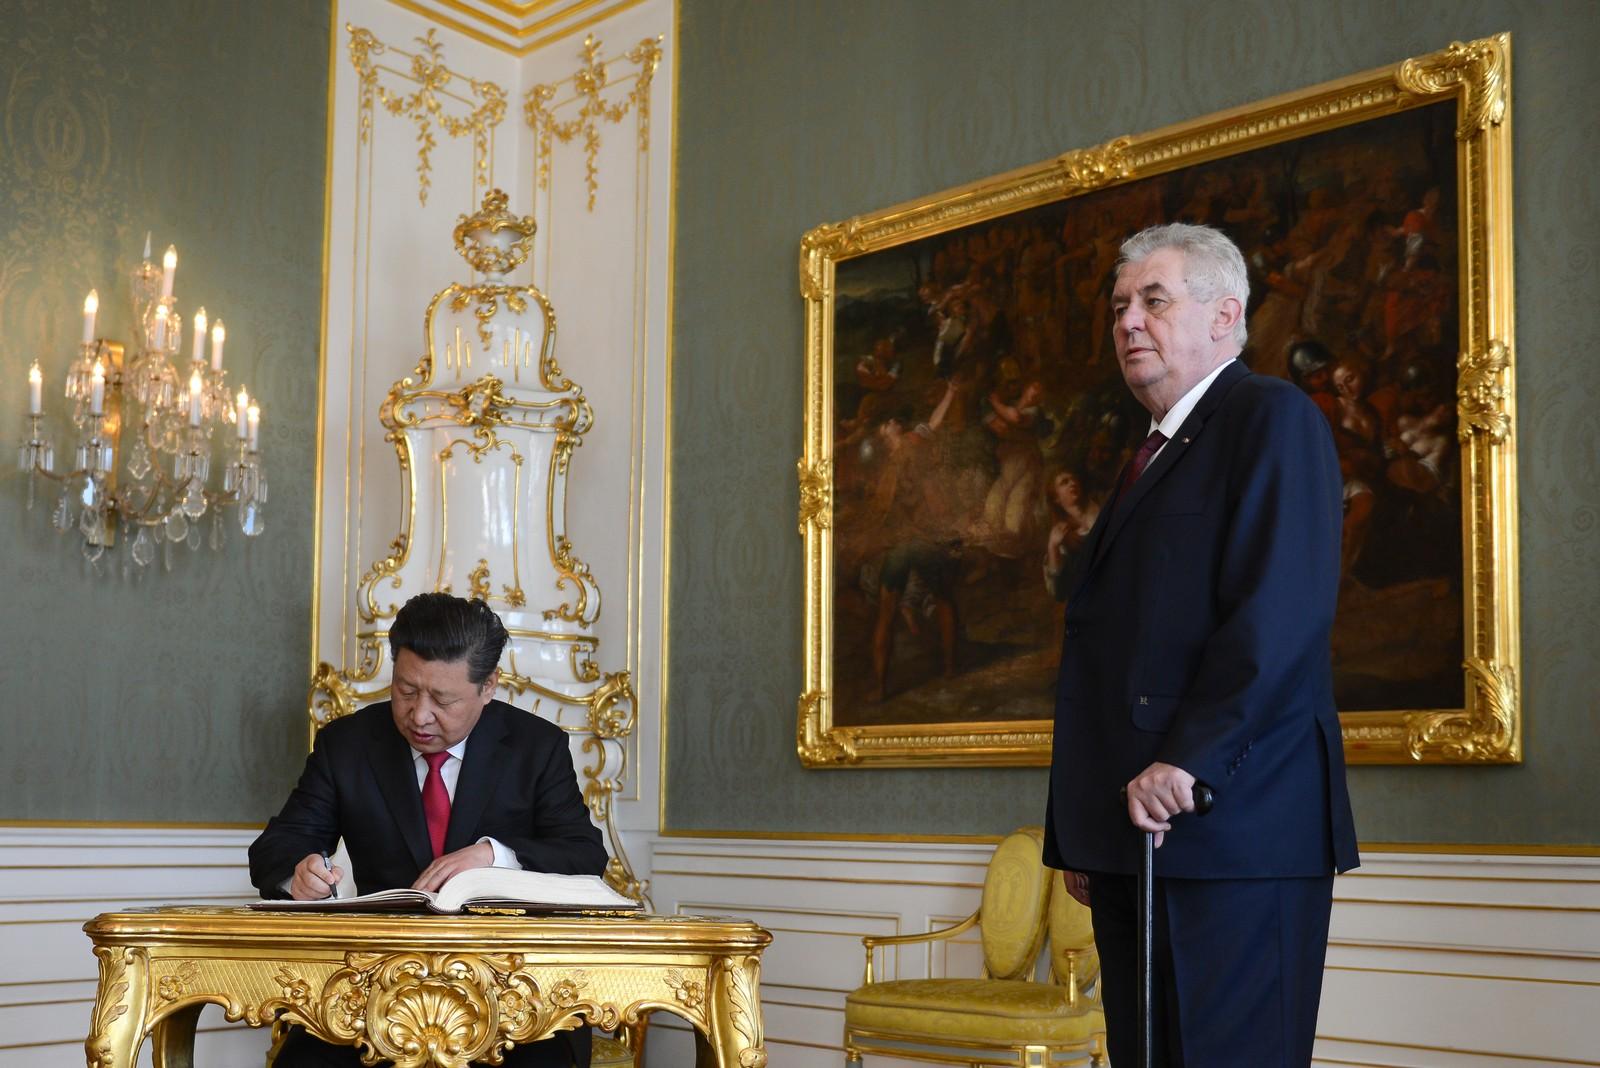 Illustration: le bureau du président de la République Tchèque